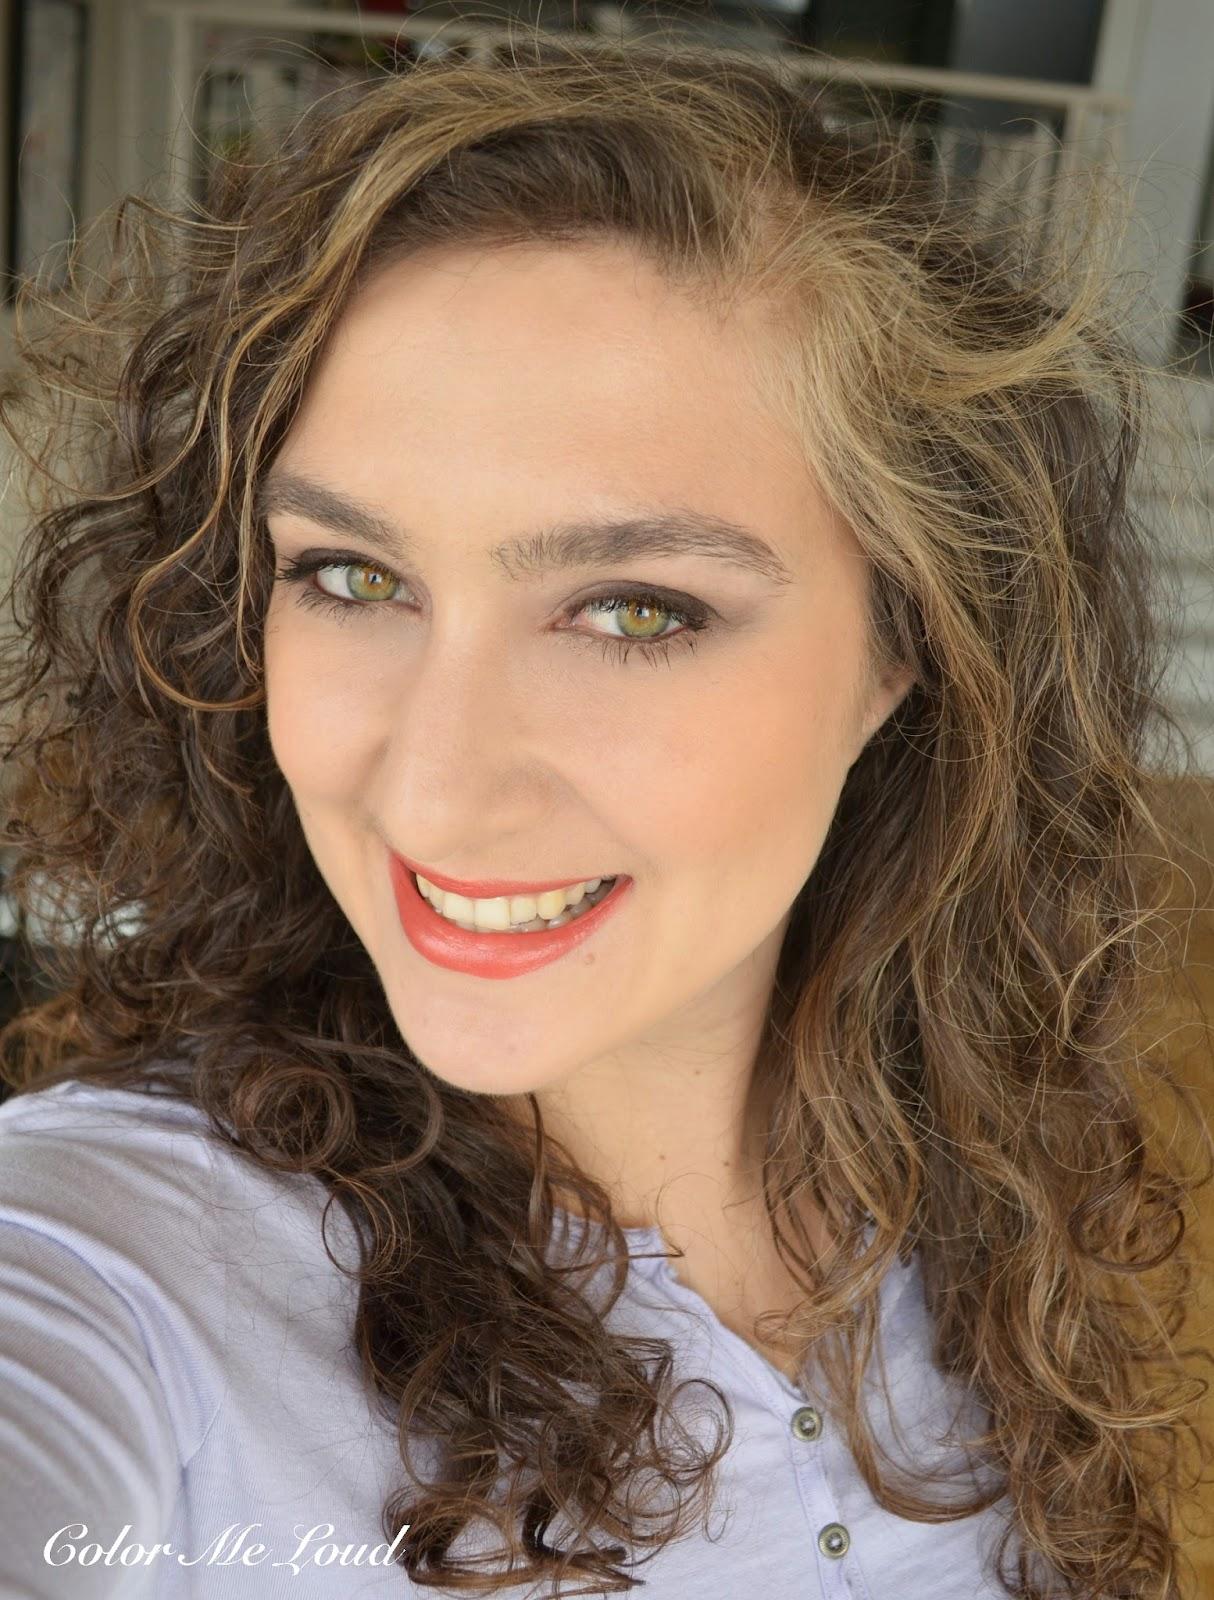 Guerlain Terracotta Joli Teint Healthy Glow Powder #03 ...